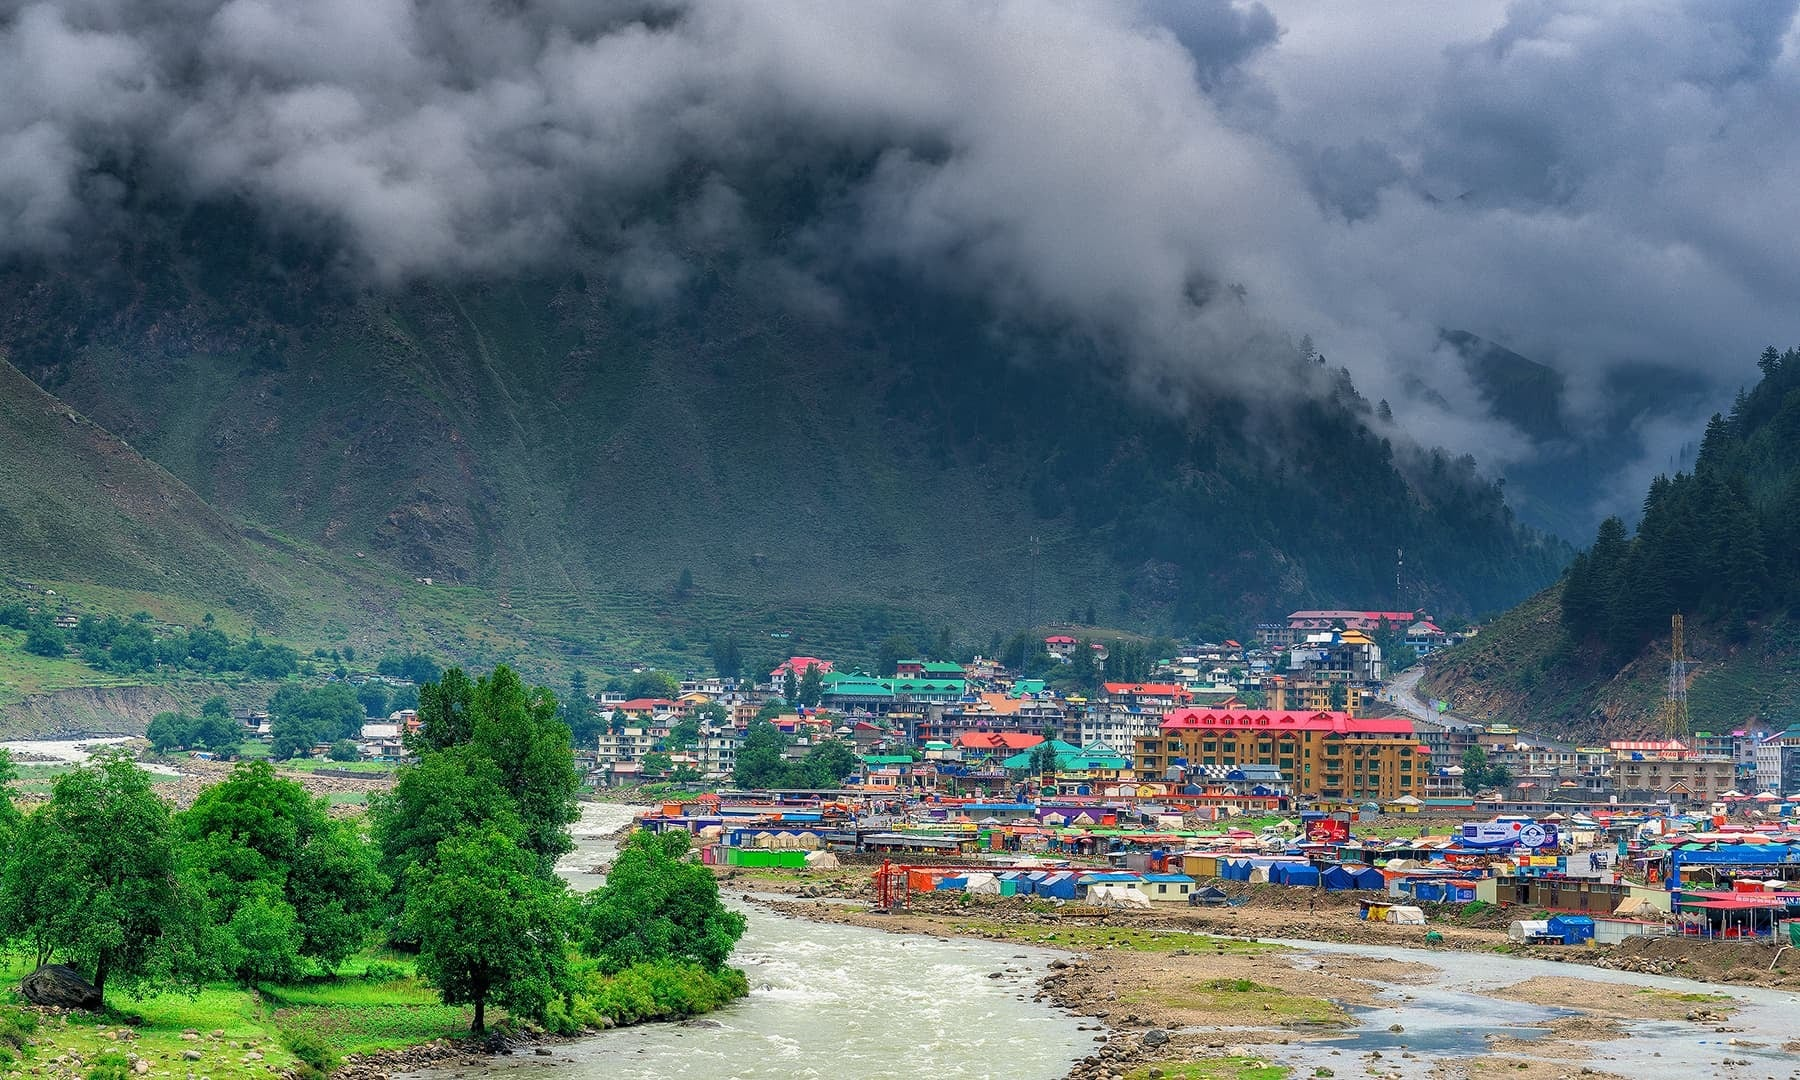 View of Naran Valley. — Photo by Syed Mehdi Bukhari